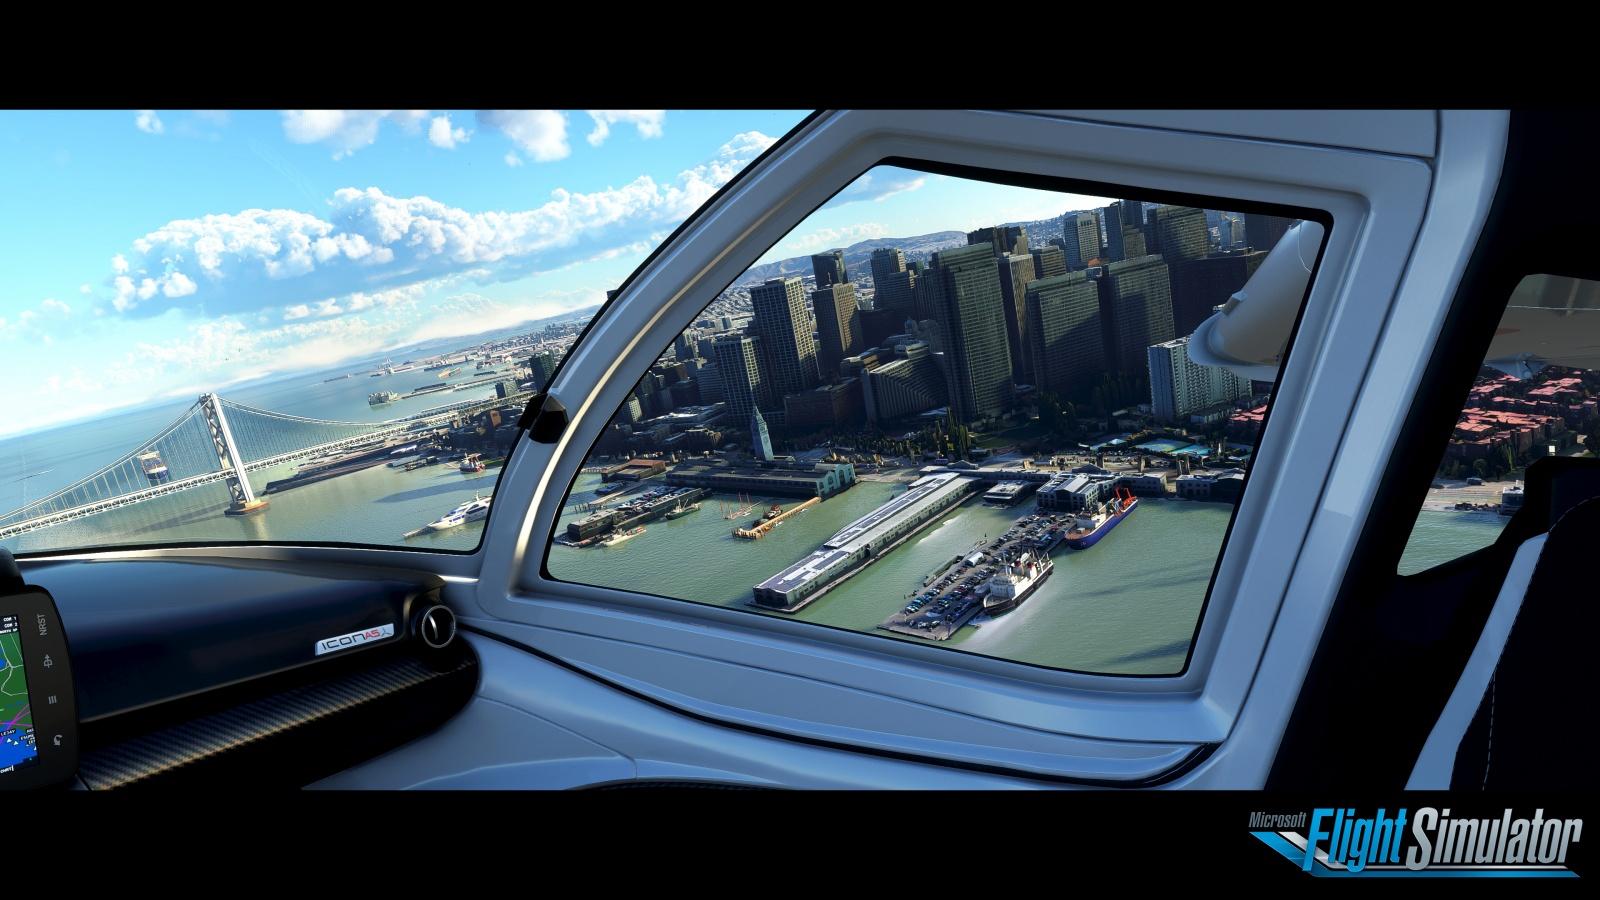 Легендарная игра MS Flight Simulator возвращается спустя 12 лет - 3